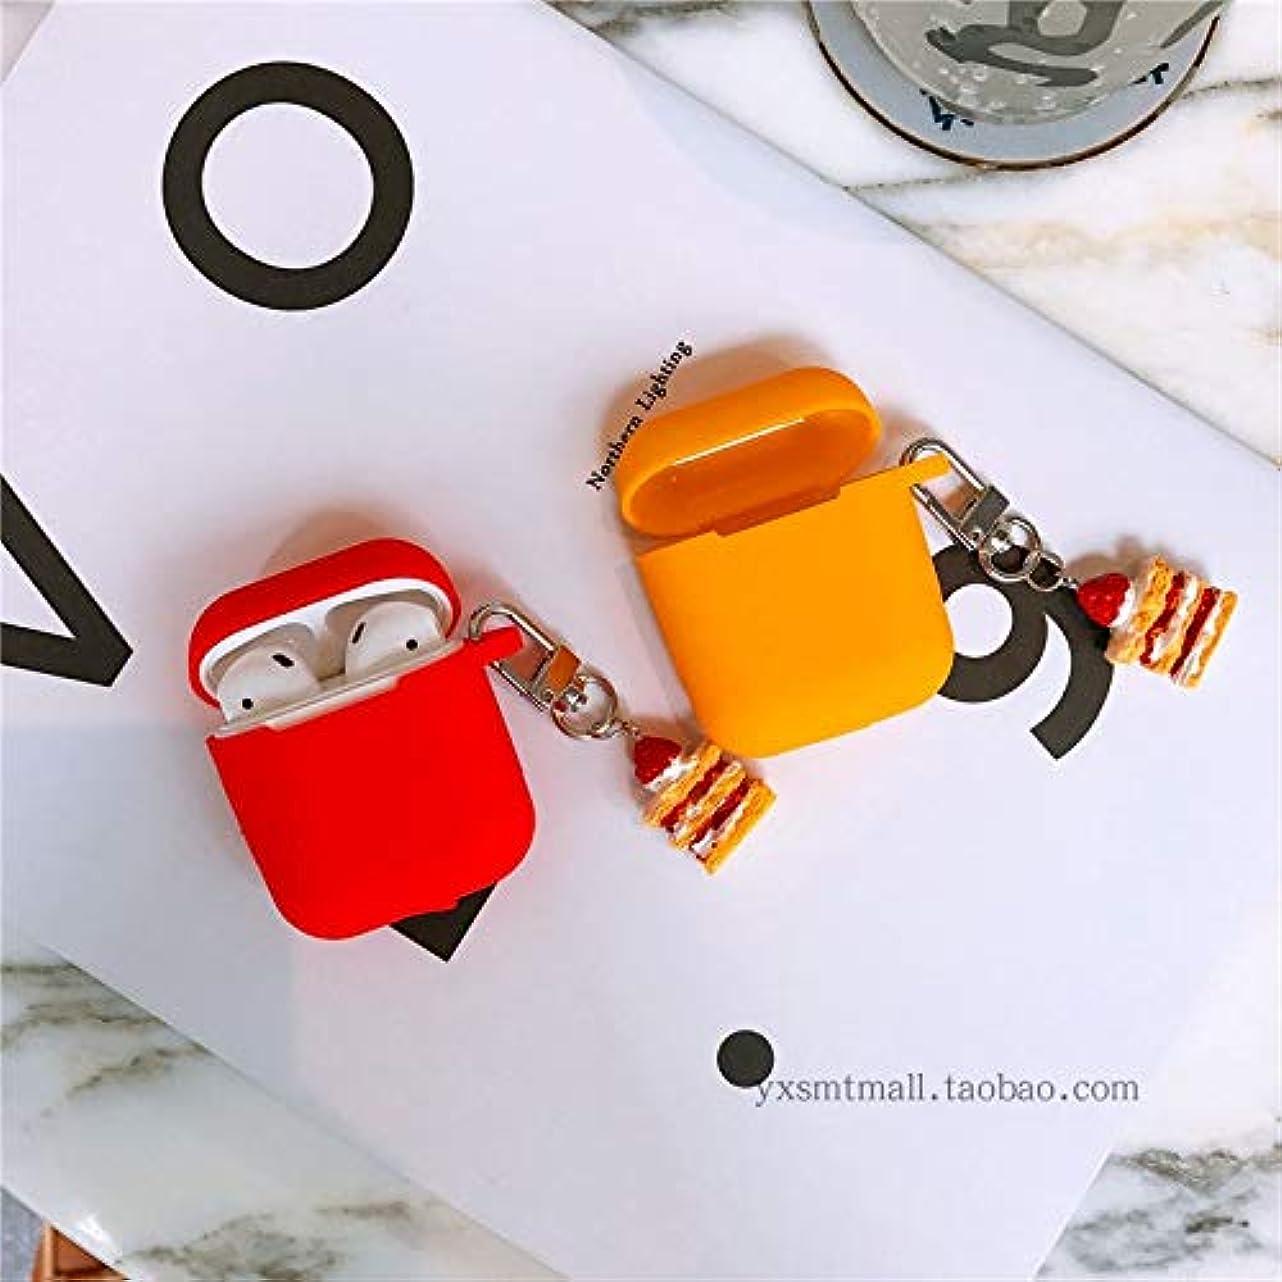 世辞エンコミウムしないNANNAN HOME シンプルな小さな新鮮な夏のシミュレーションかわいいイチゴのケーキairpods保護カバーアップルワイヤレスBluetoothヘッドセットシェル抗ドロップマット超薄型赤ペンダント女性の潮収??納ボックスソフト (Color : Yellow)